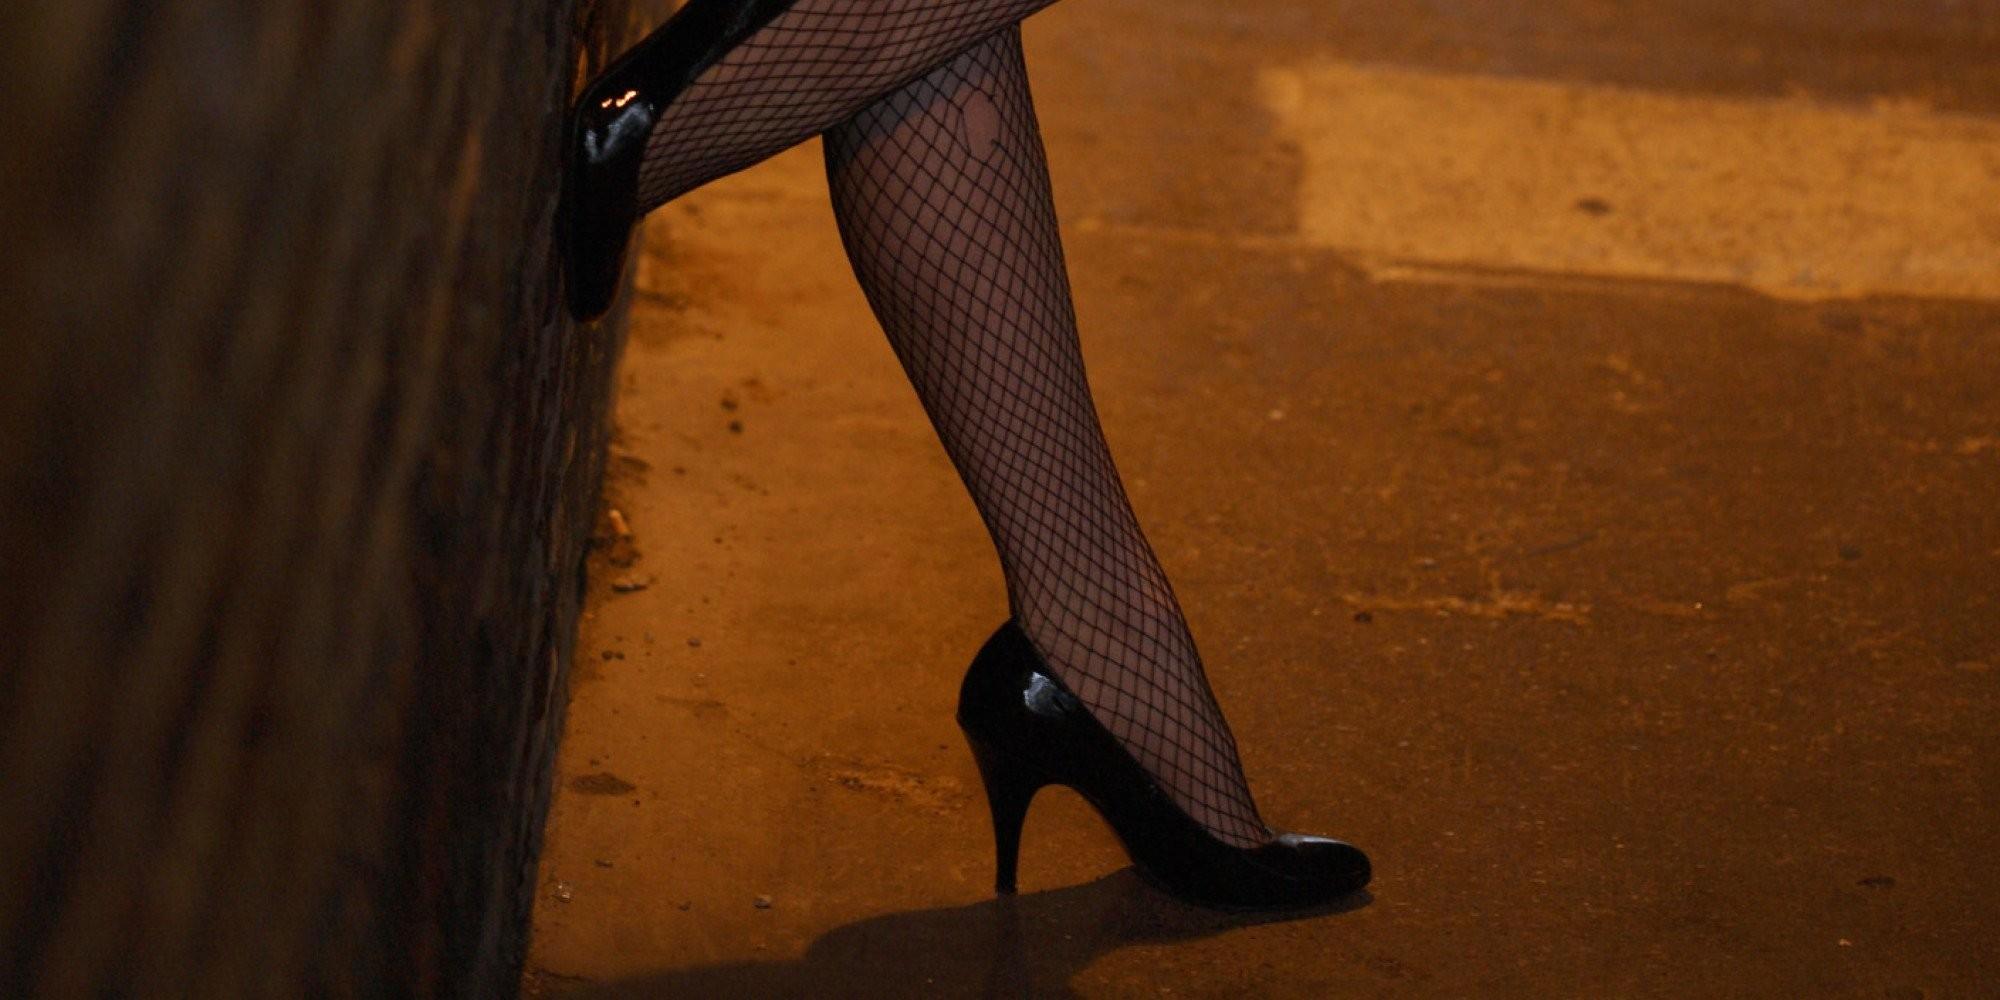 Проститутки сказали оновоиспеченной эре вихпрофессии— ученые